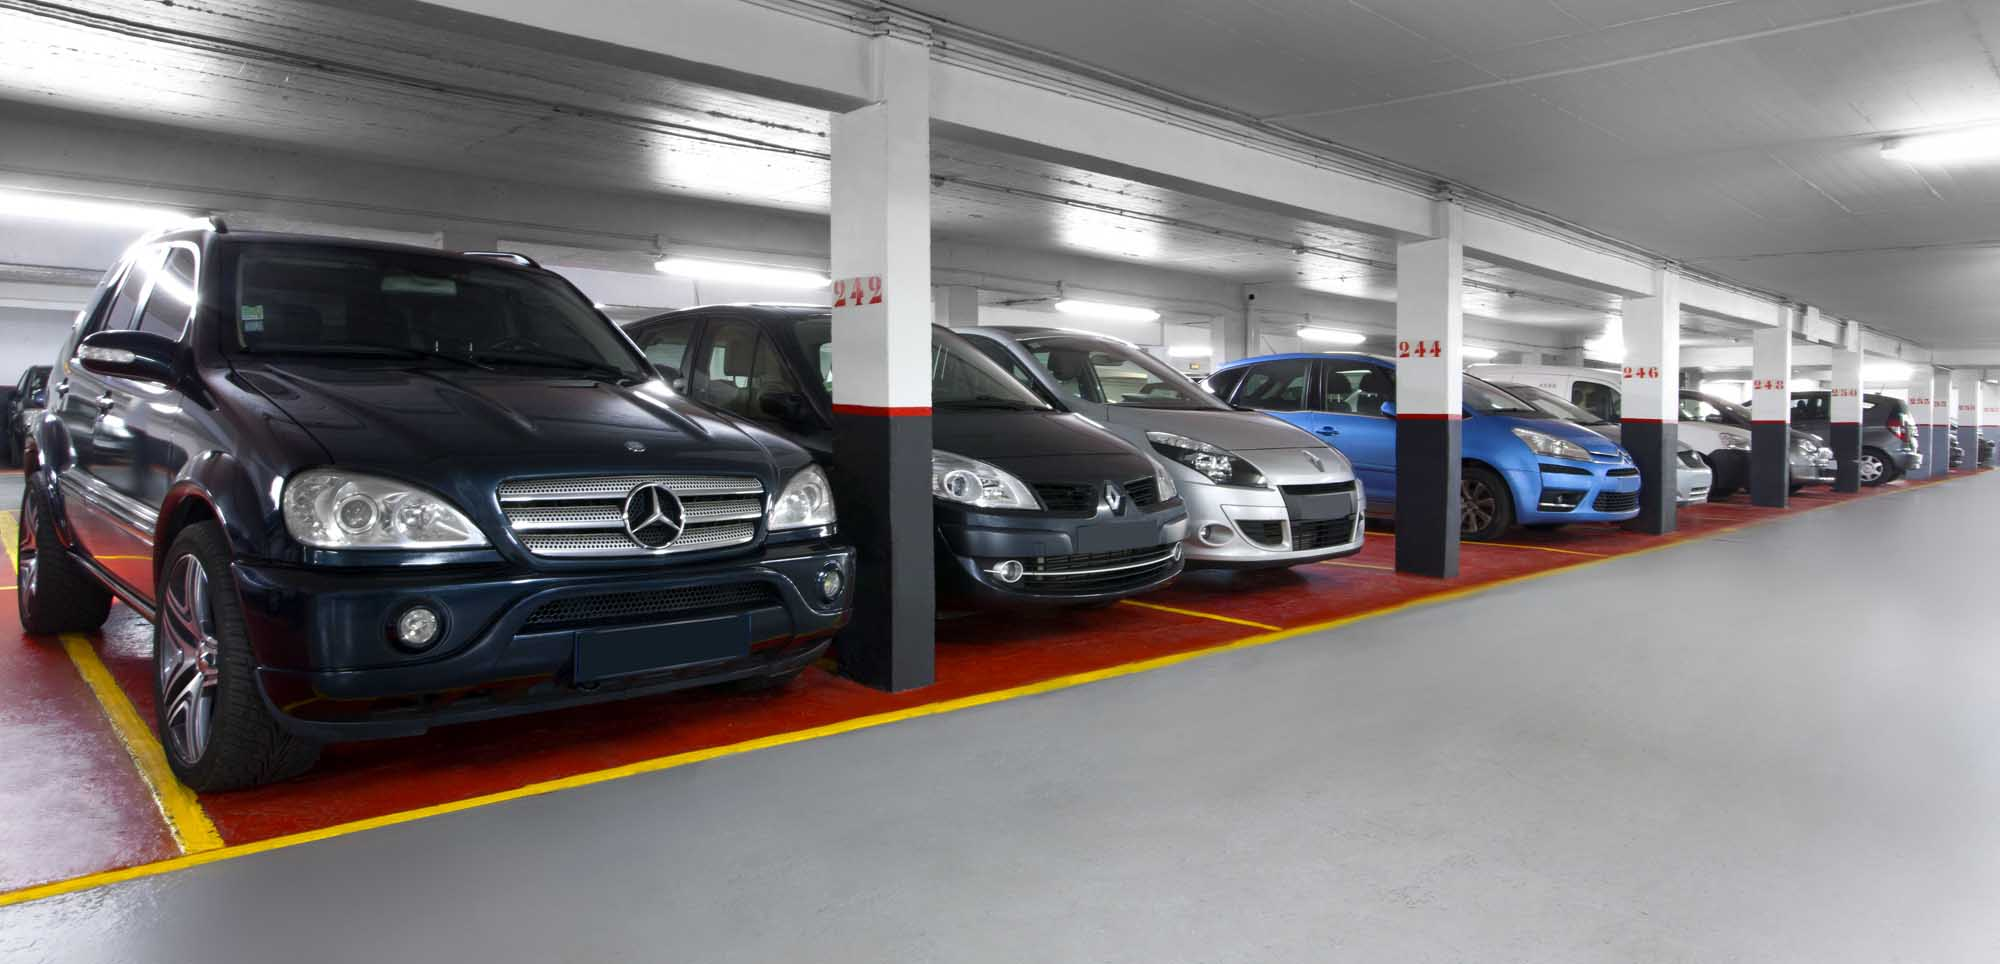 Location parking pour gagner du temps